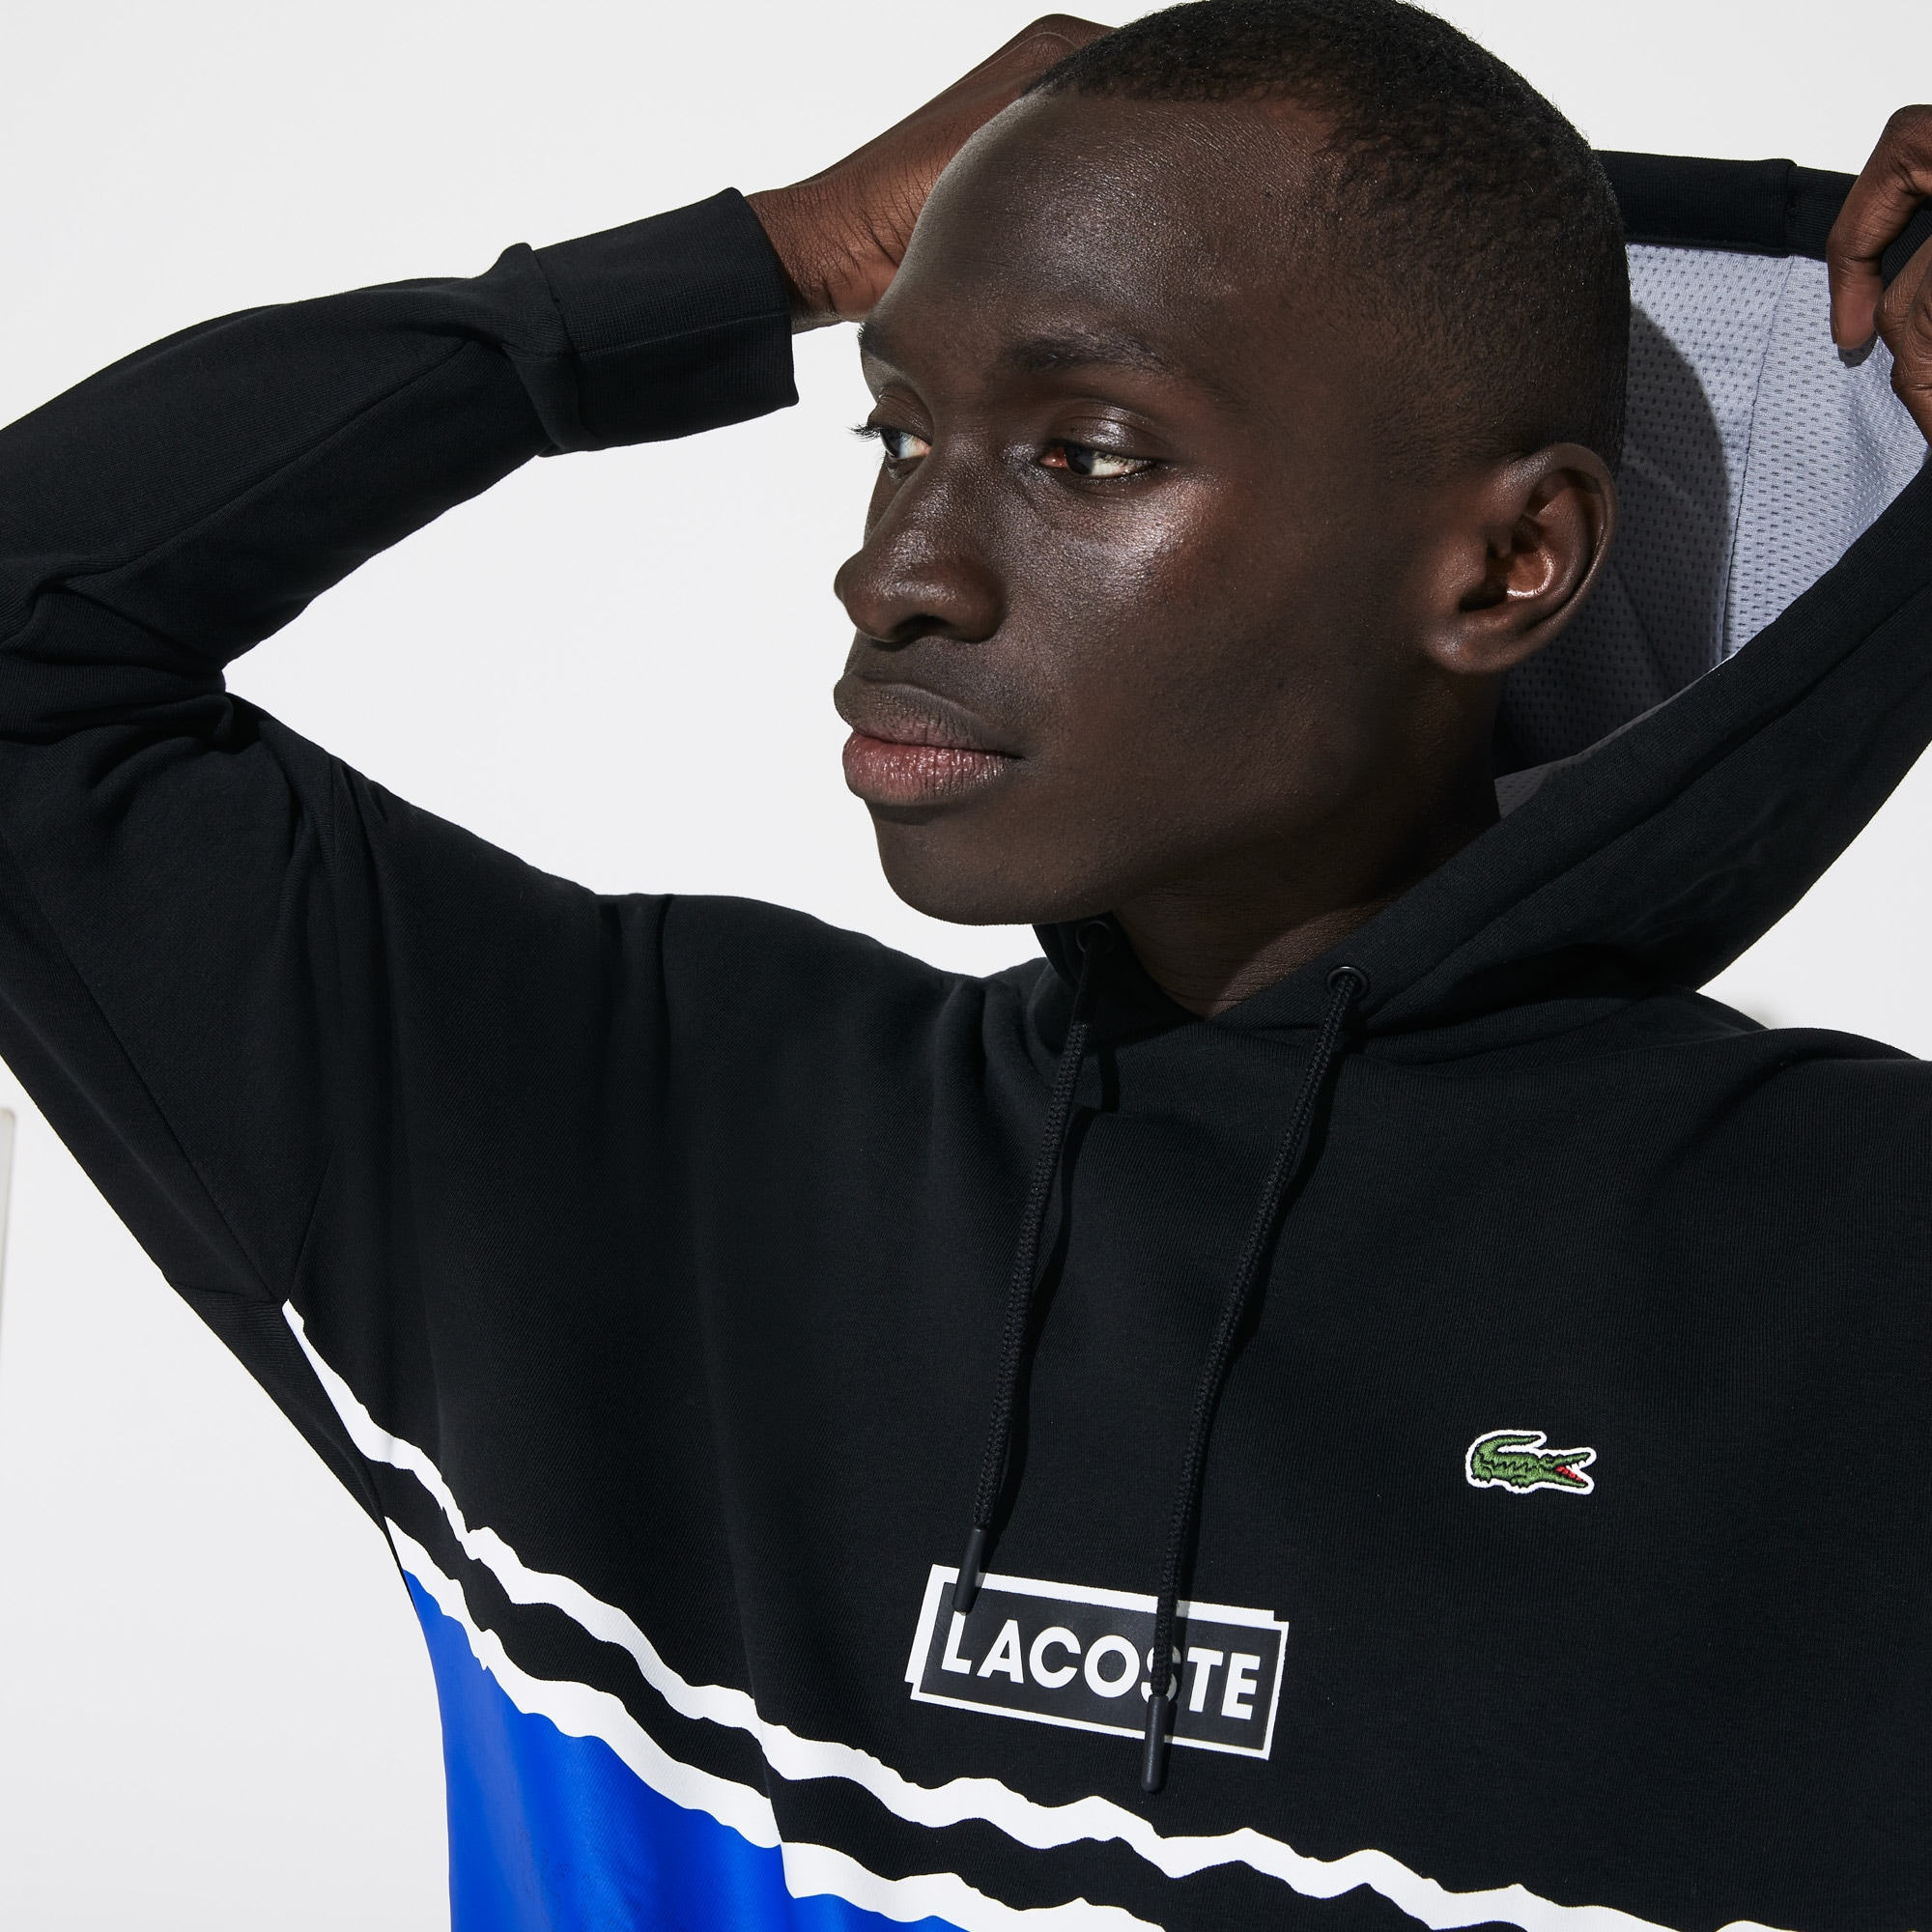 라코스테 후드티 Lacoste Men's SPORT Logo and Banded Stripe Hoodie,Black / Blue / White - LB9